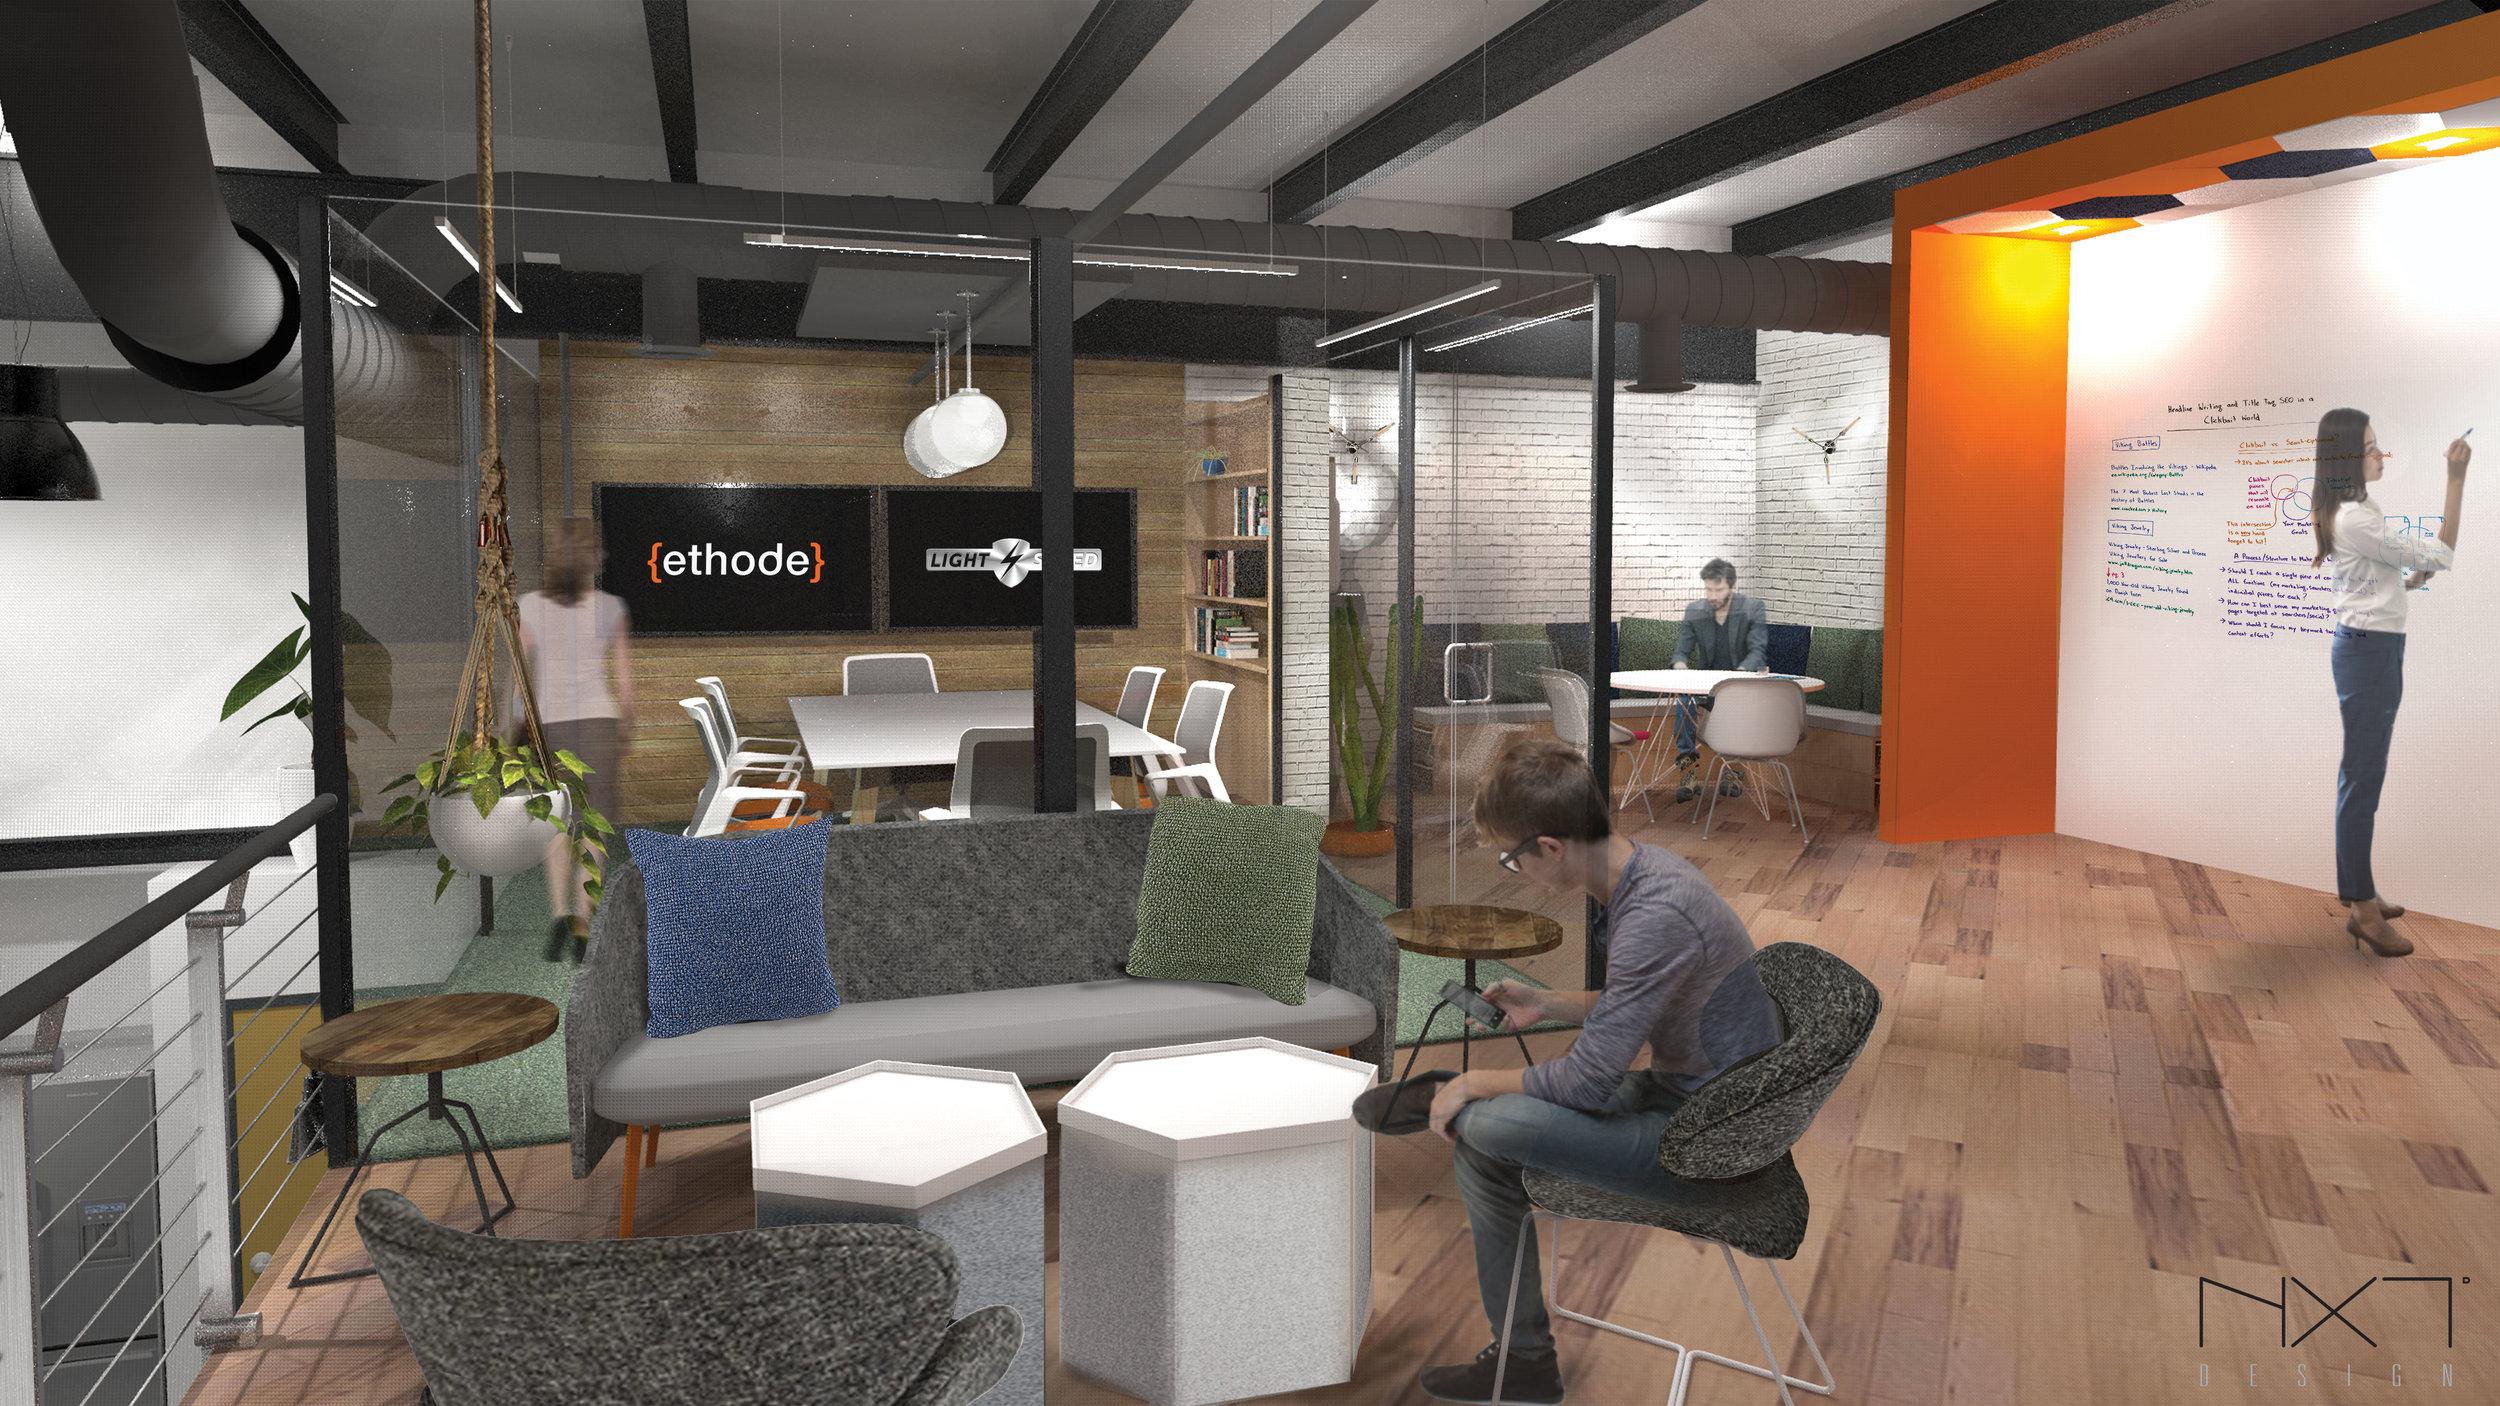 Ethode_modern_office_concept_design.jpg